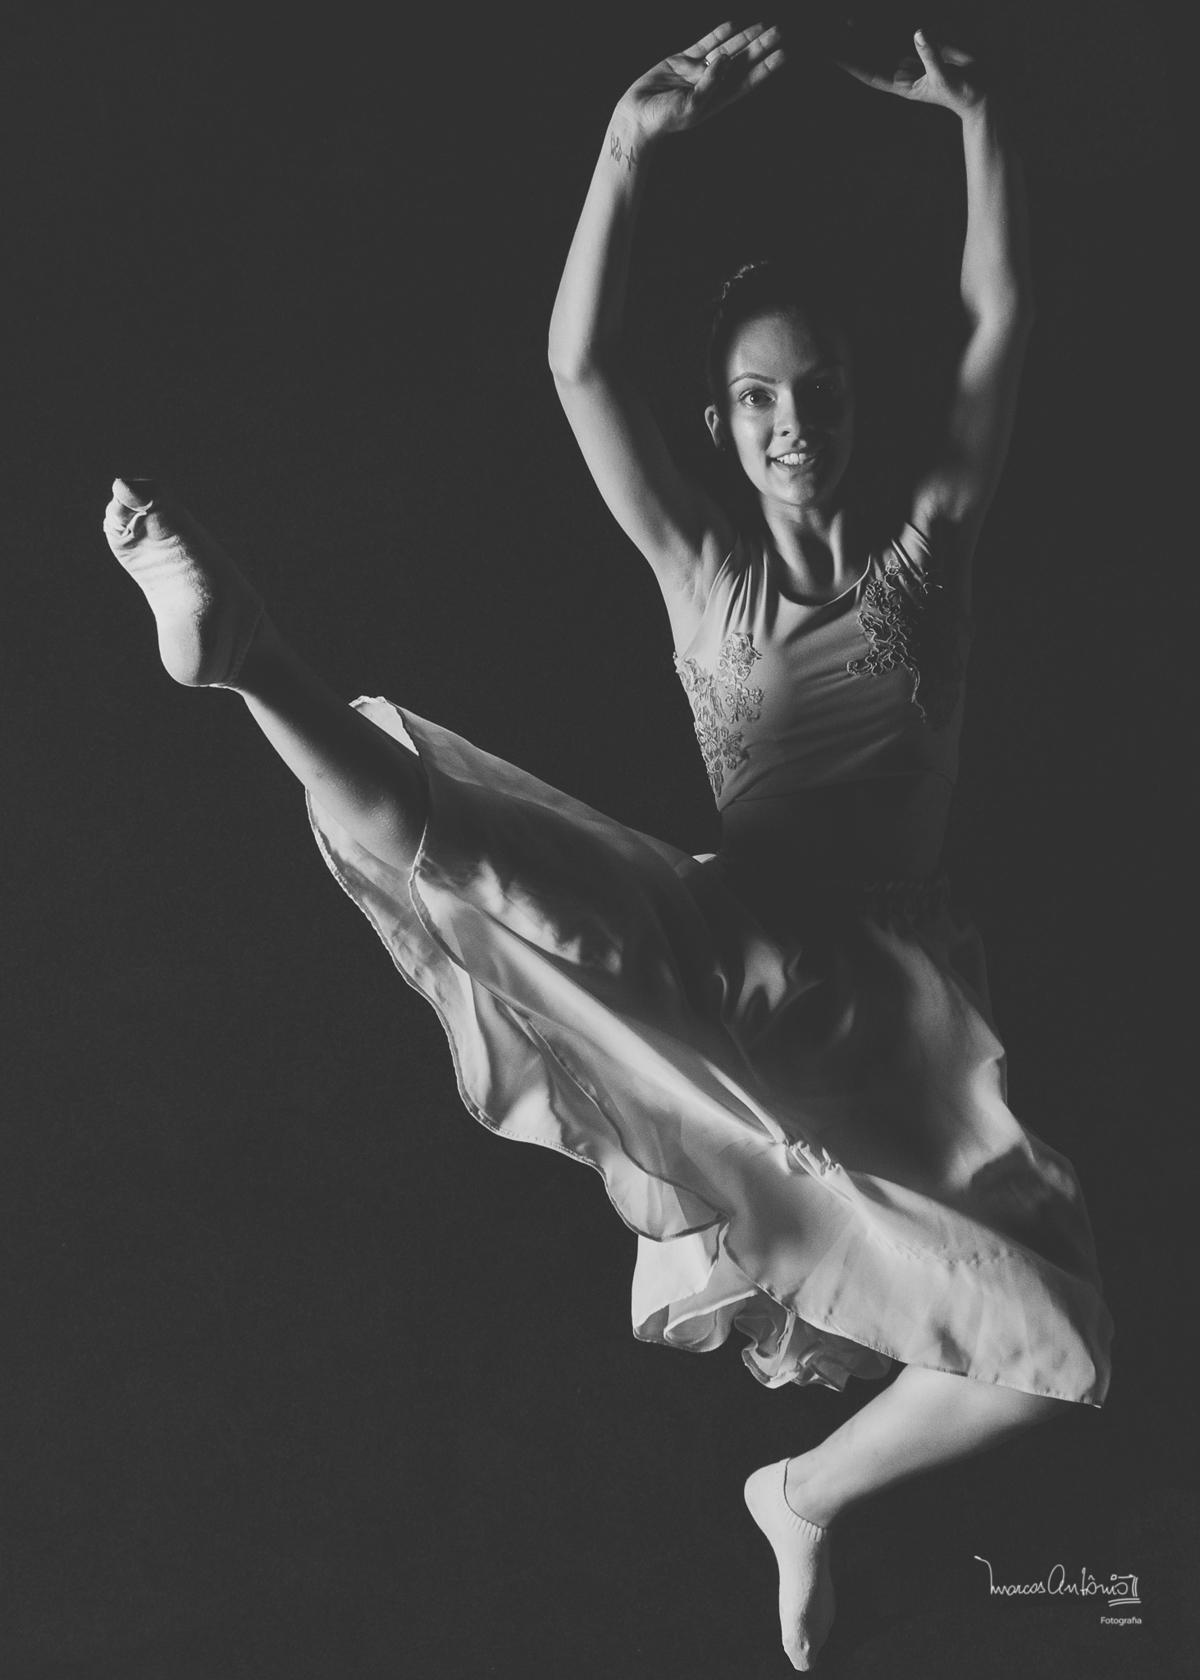 Um salto em p&b de Brenda Lima.  #bailarina #ballet #danca #